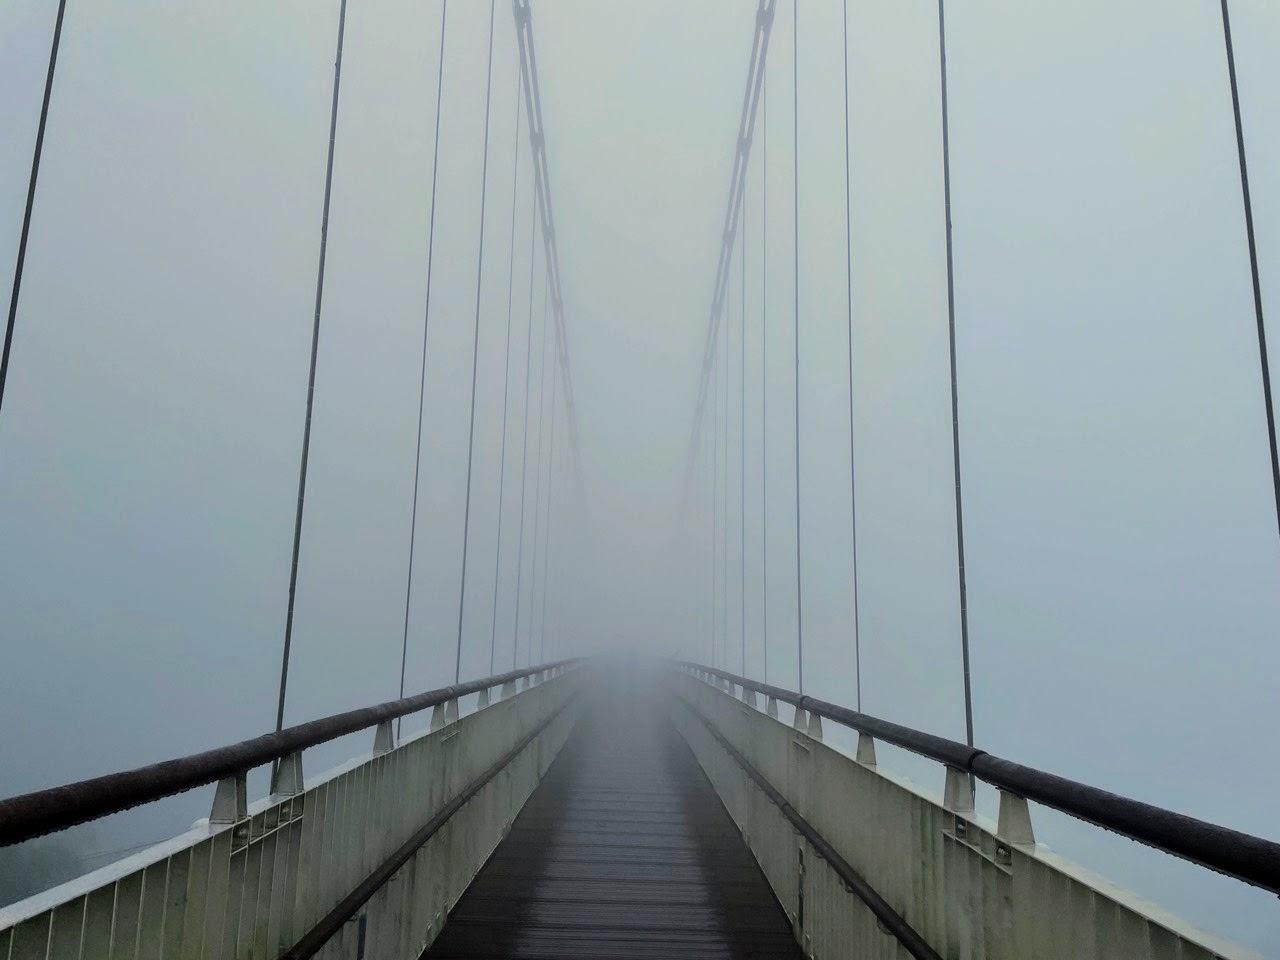 梅山 太平雲梯。雲霧繚繞的高空吊橋|絕美山景盡收眼底